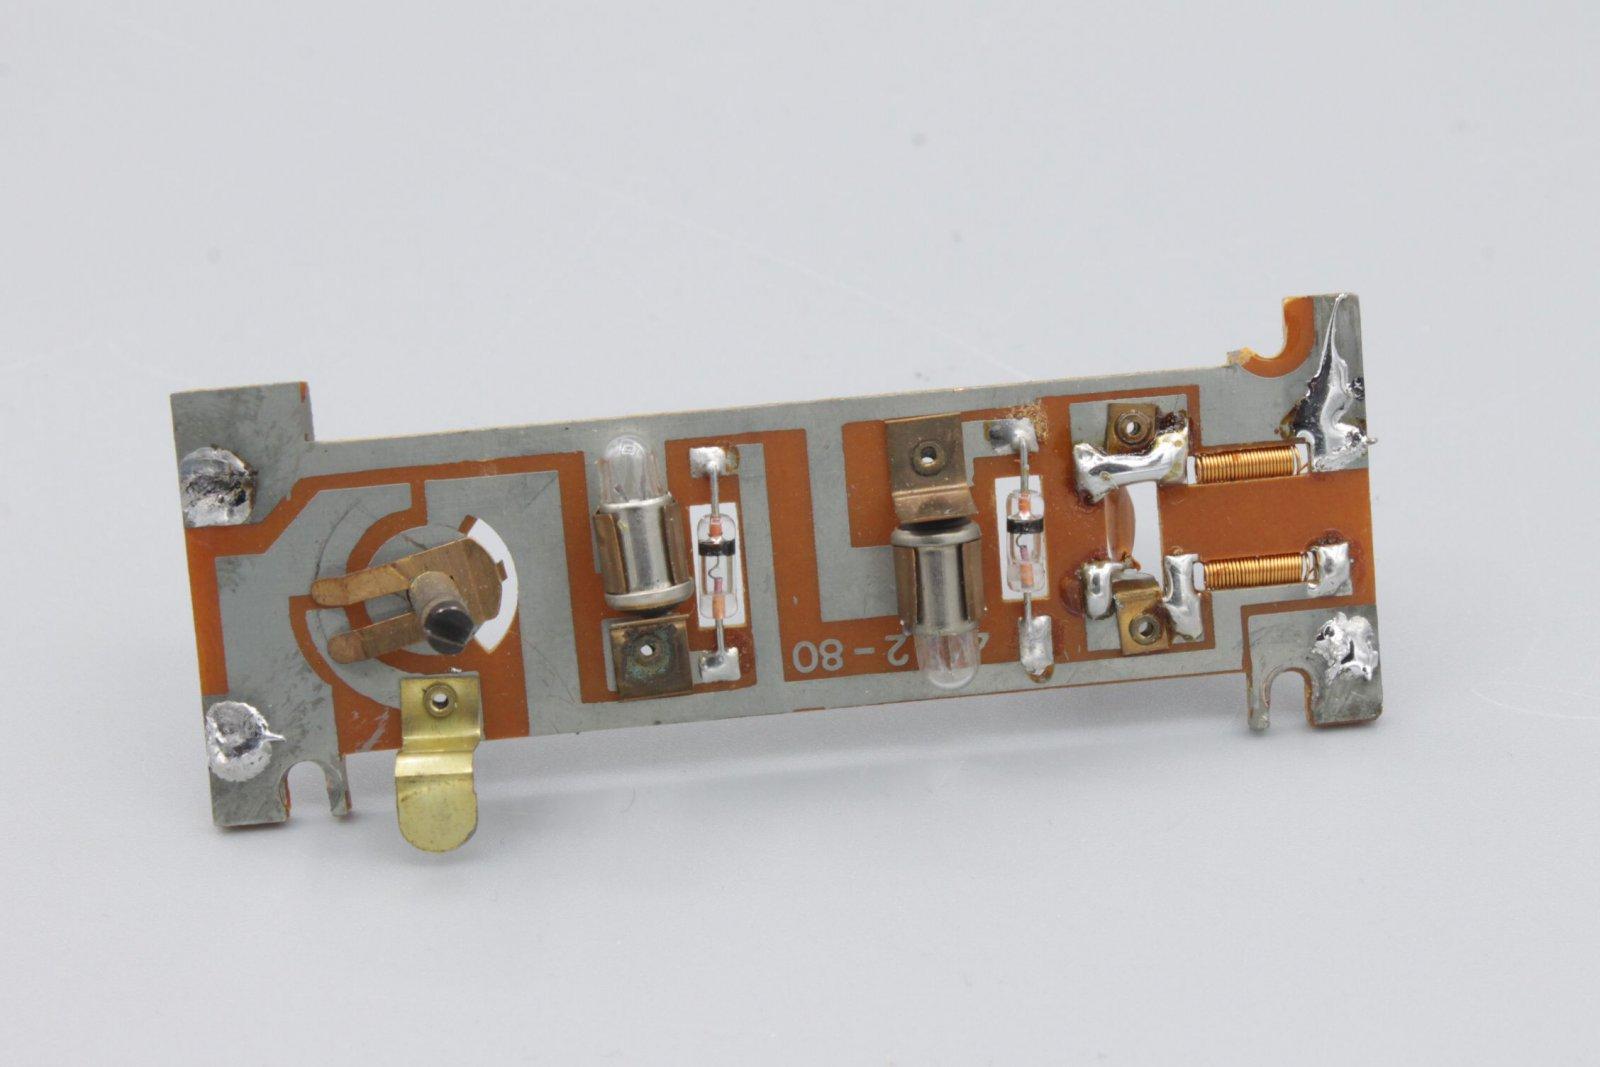 Ersatzteil Roco 140 Platine komplett - mit Glühlampen -älteres Modell (1)